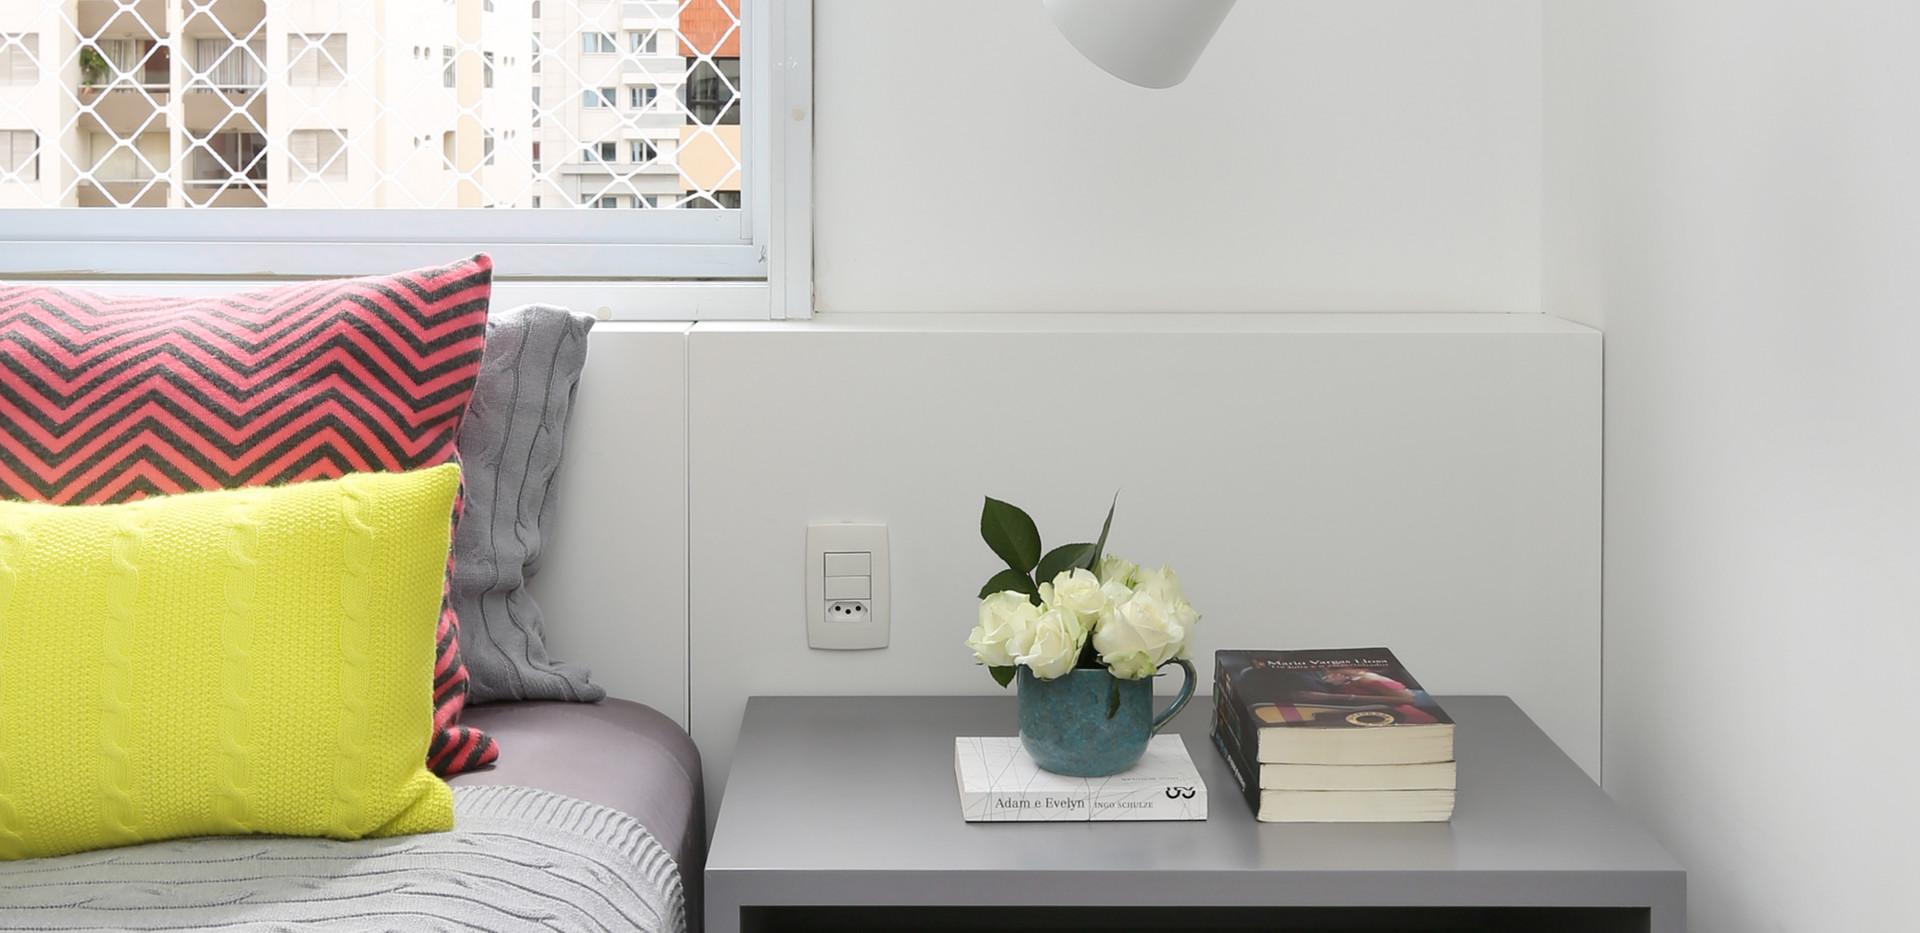 06 - Suite Casal - Foto 01.jpg